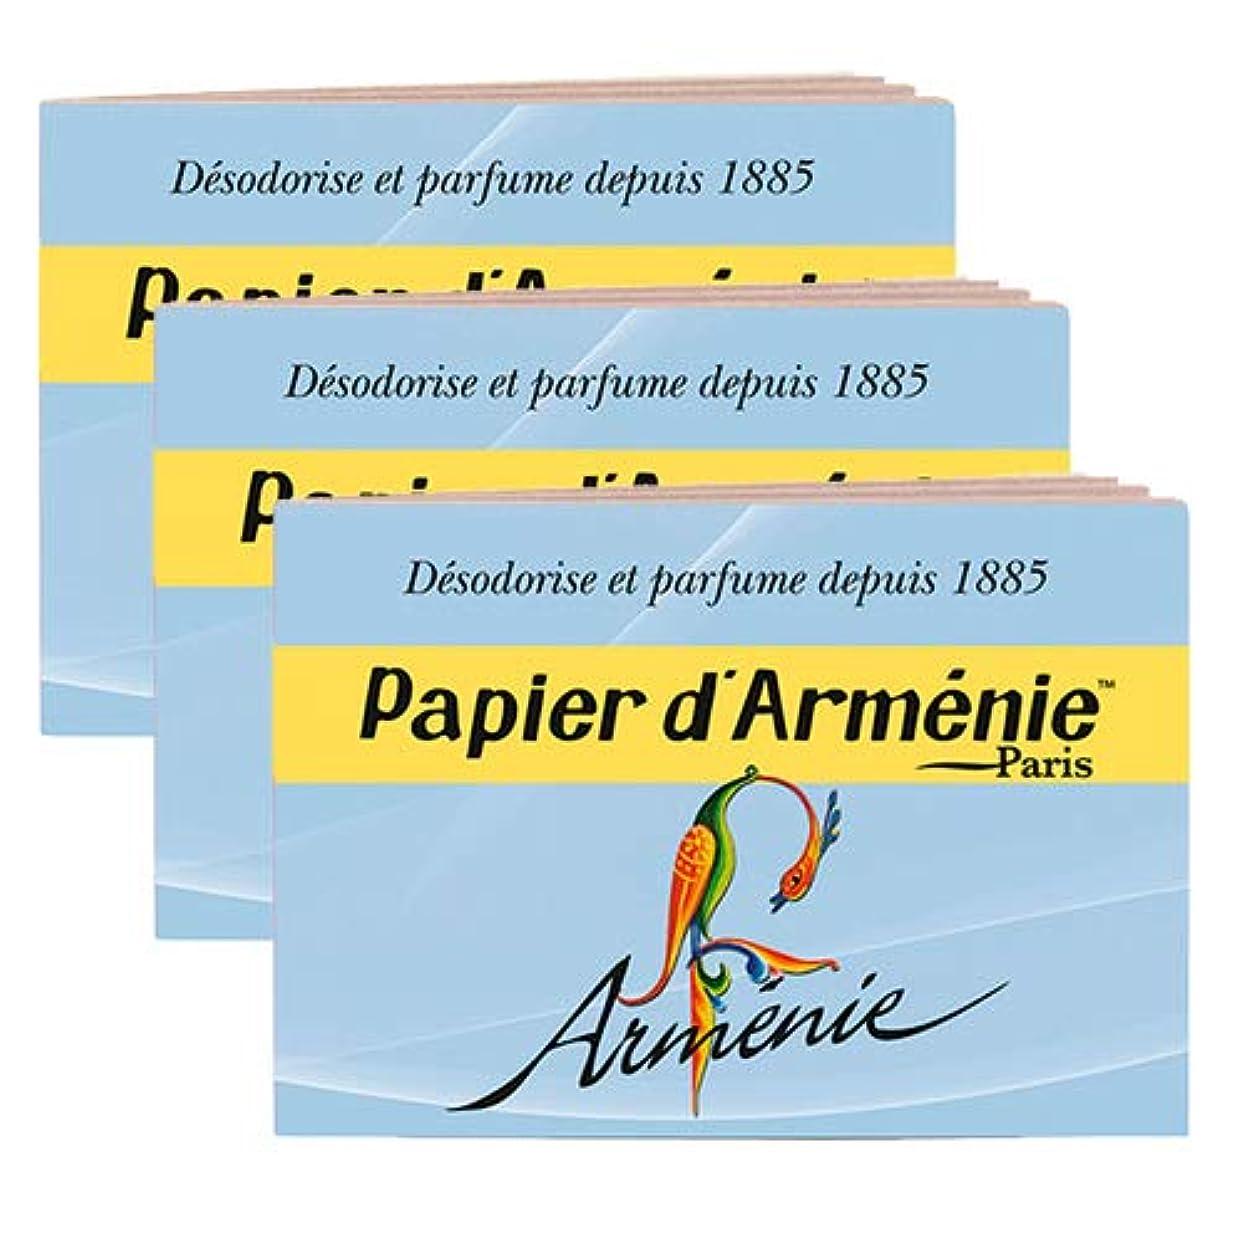 ほかにエゴイズムプロトタイプ【パピエダルメニイ】トリプル 3×12枚(36回分) 3個セット アルメニイ 紙のお香 インセンス アロマペーパー PAPIER D'ARMENIE [並行輸入品]